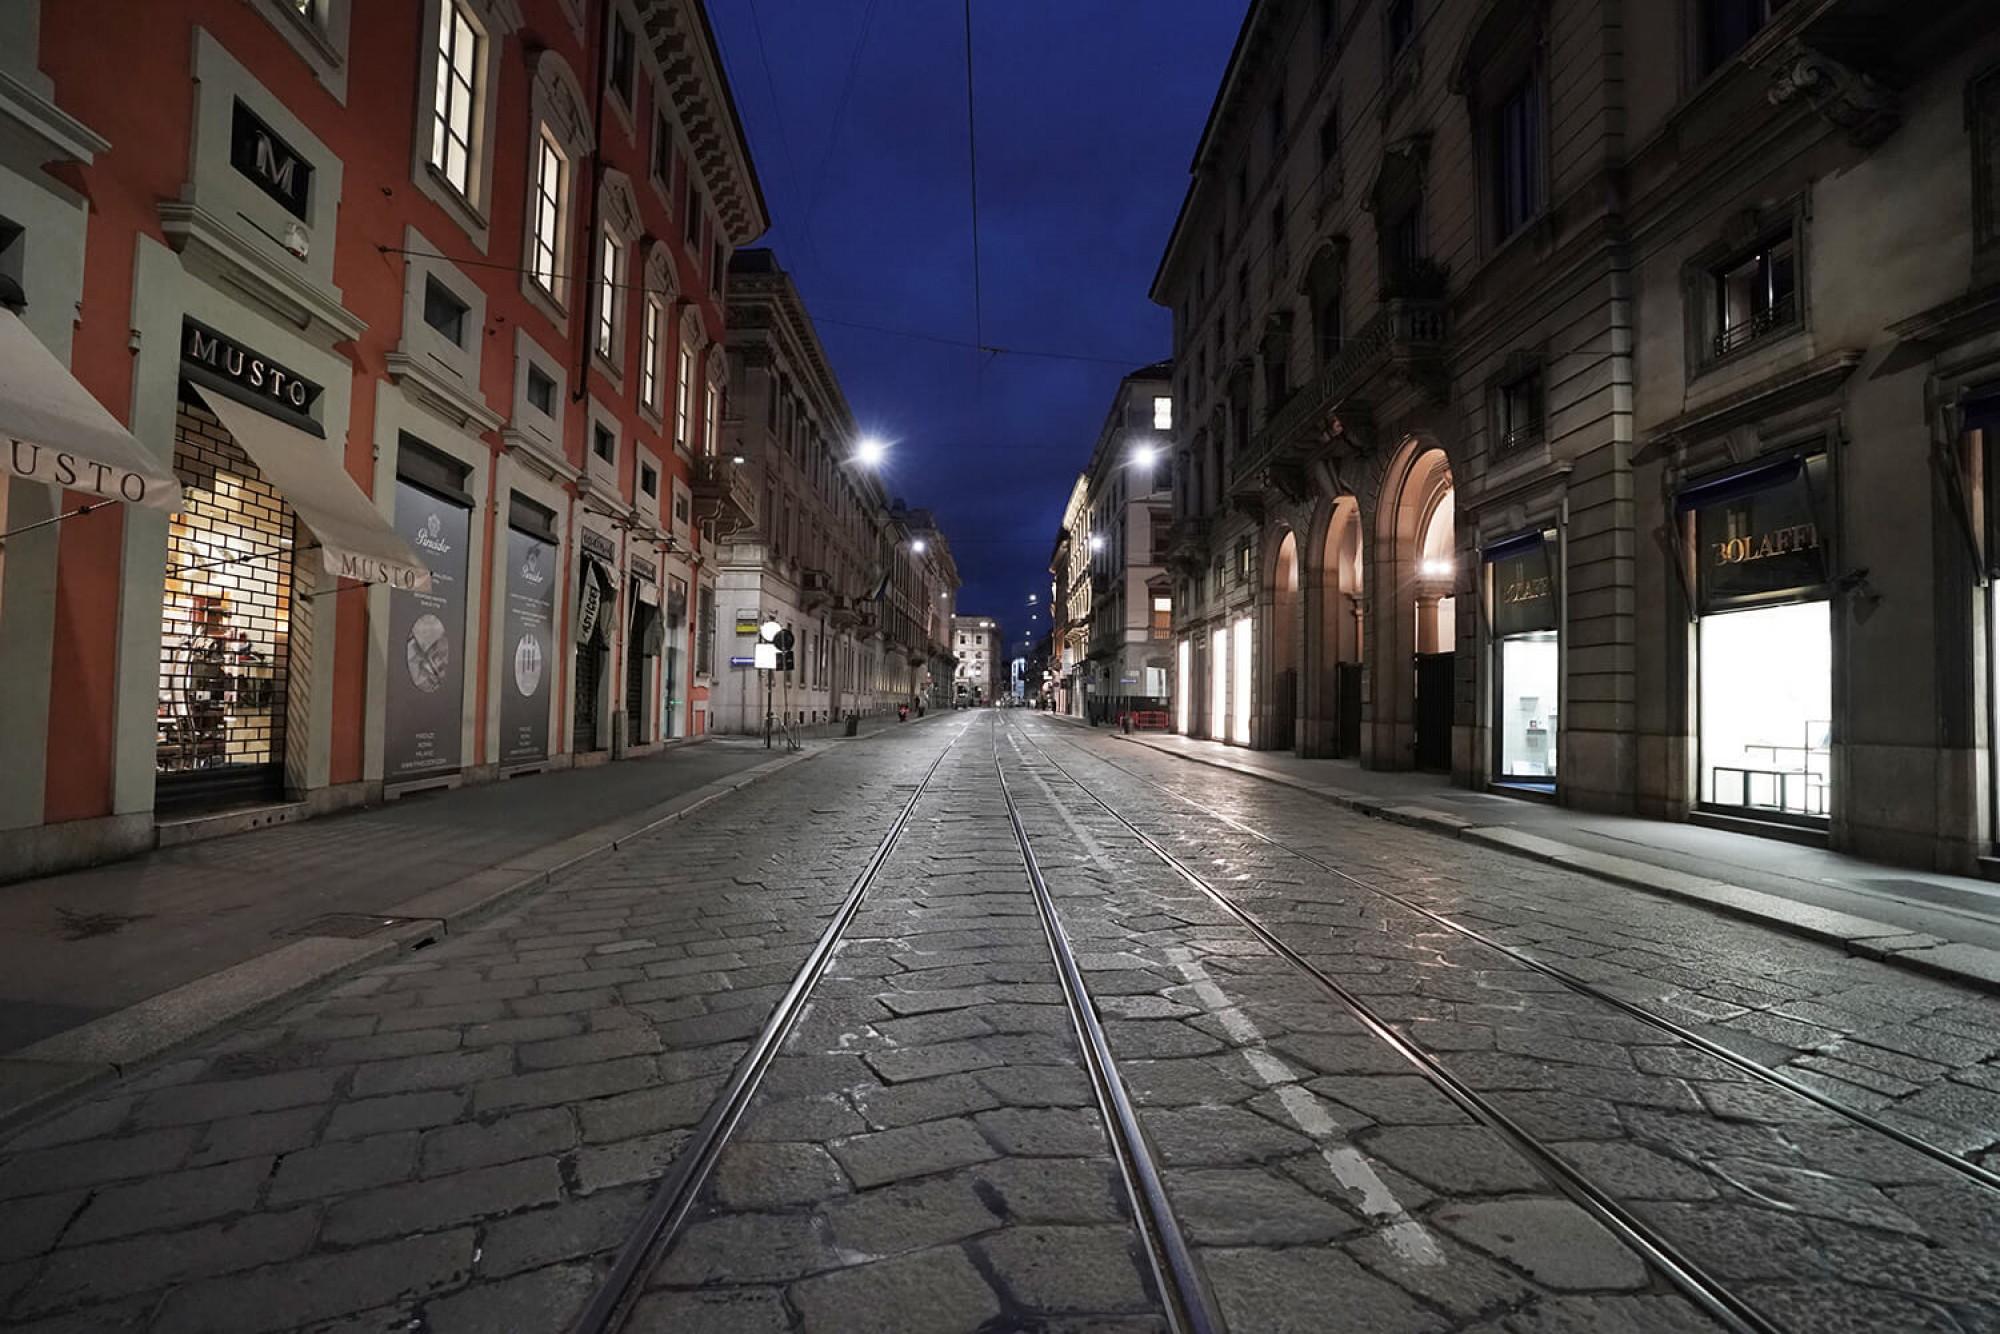 Aquesta escena, carrers buits, es converteix en freqüent a Itàlia, especialment al nord del país.